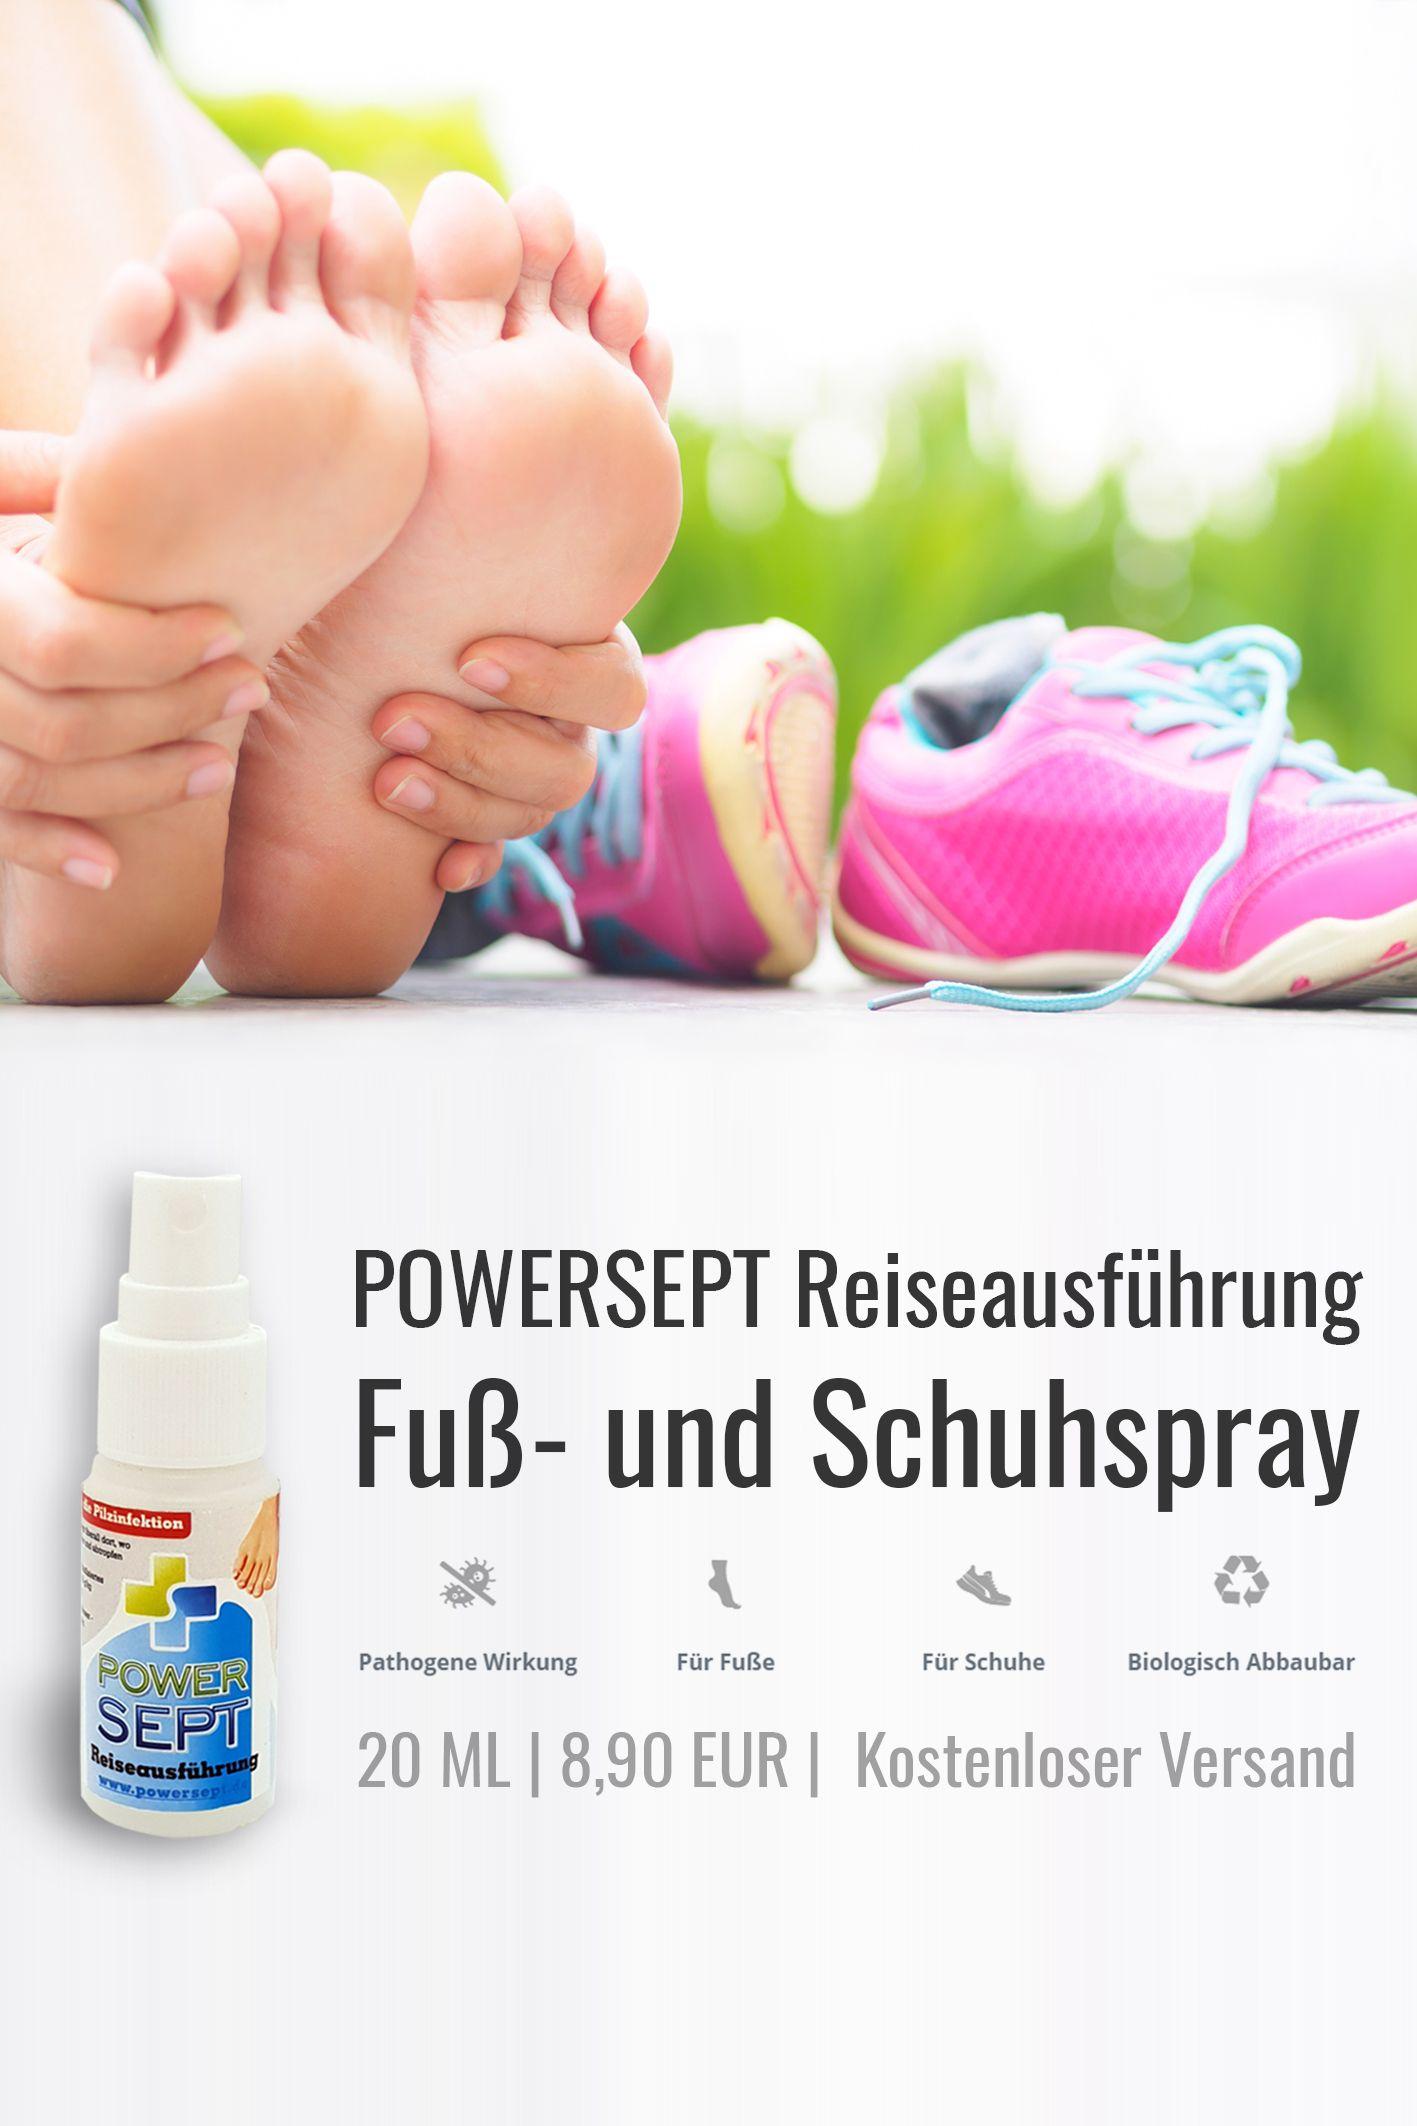 Powersept Reiseausf Hrung Spray Mit Pathogener Wirkung Zerst Rt